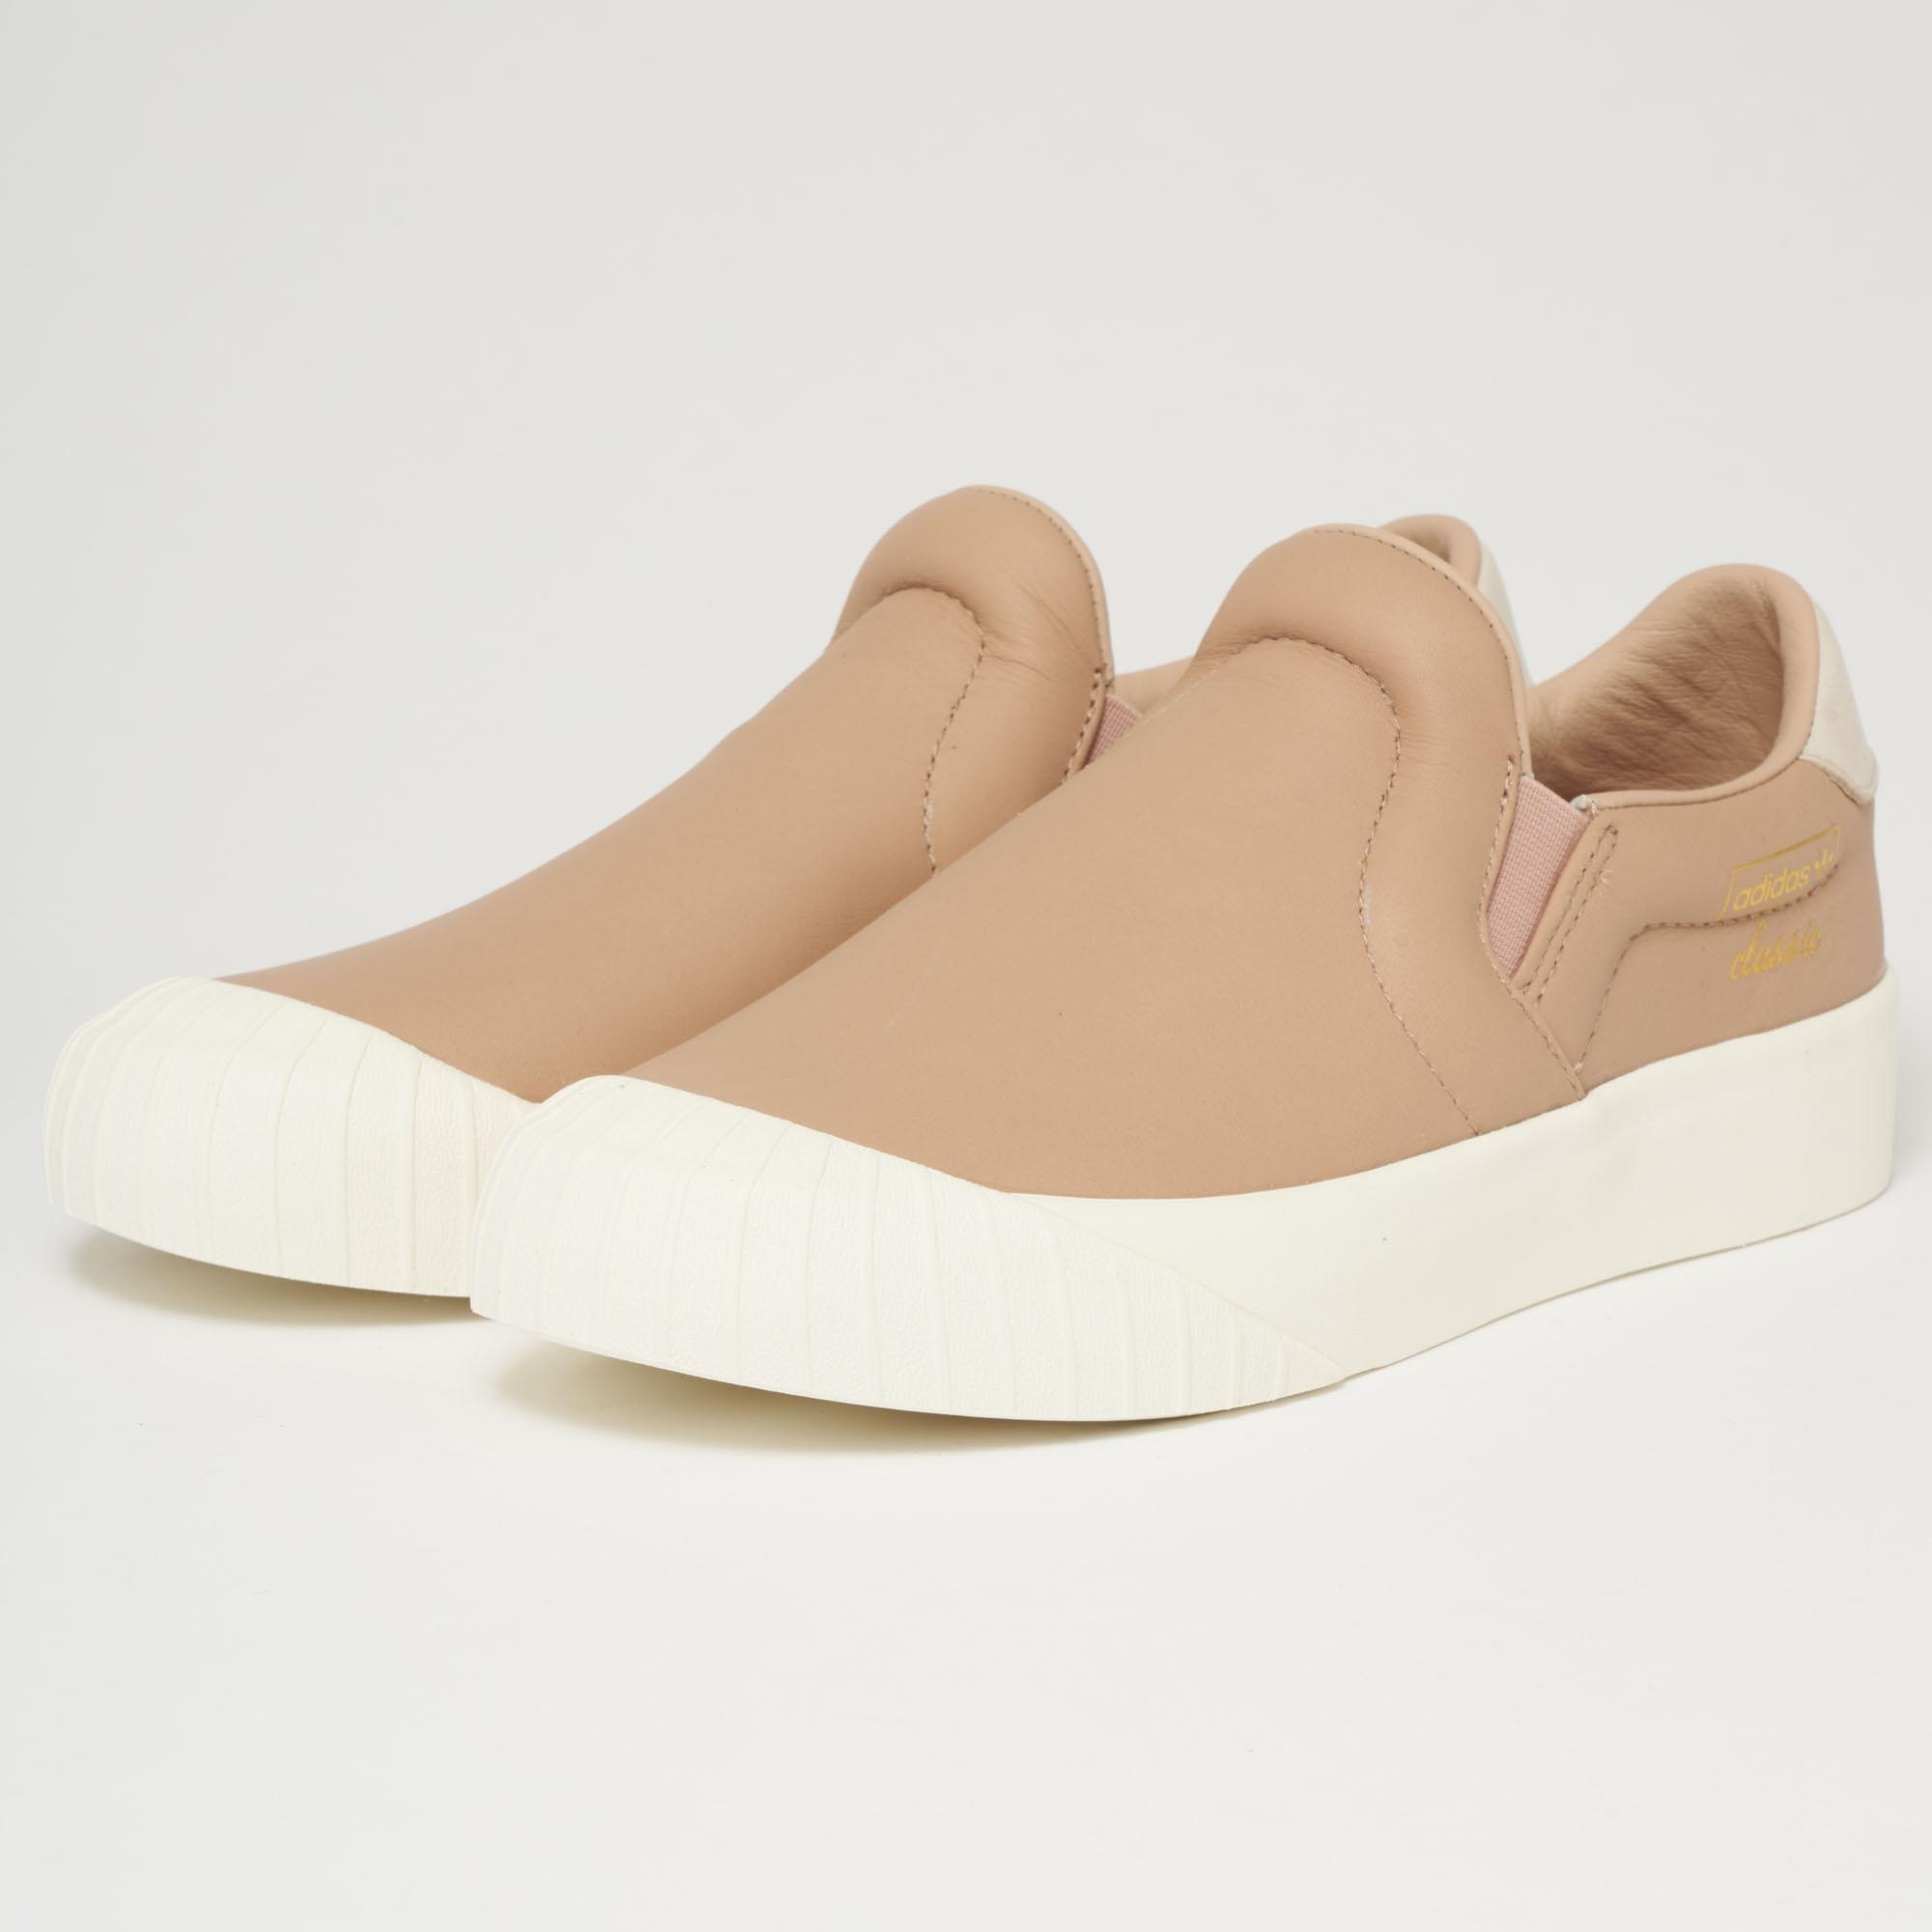 Everyn Slip-on Chaussures ohKkzeElF7